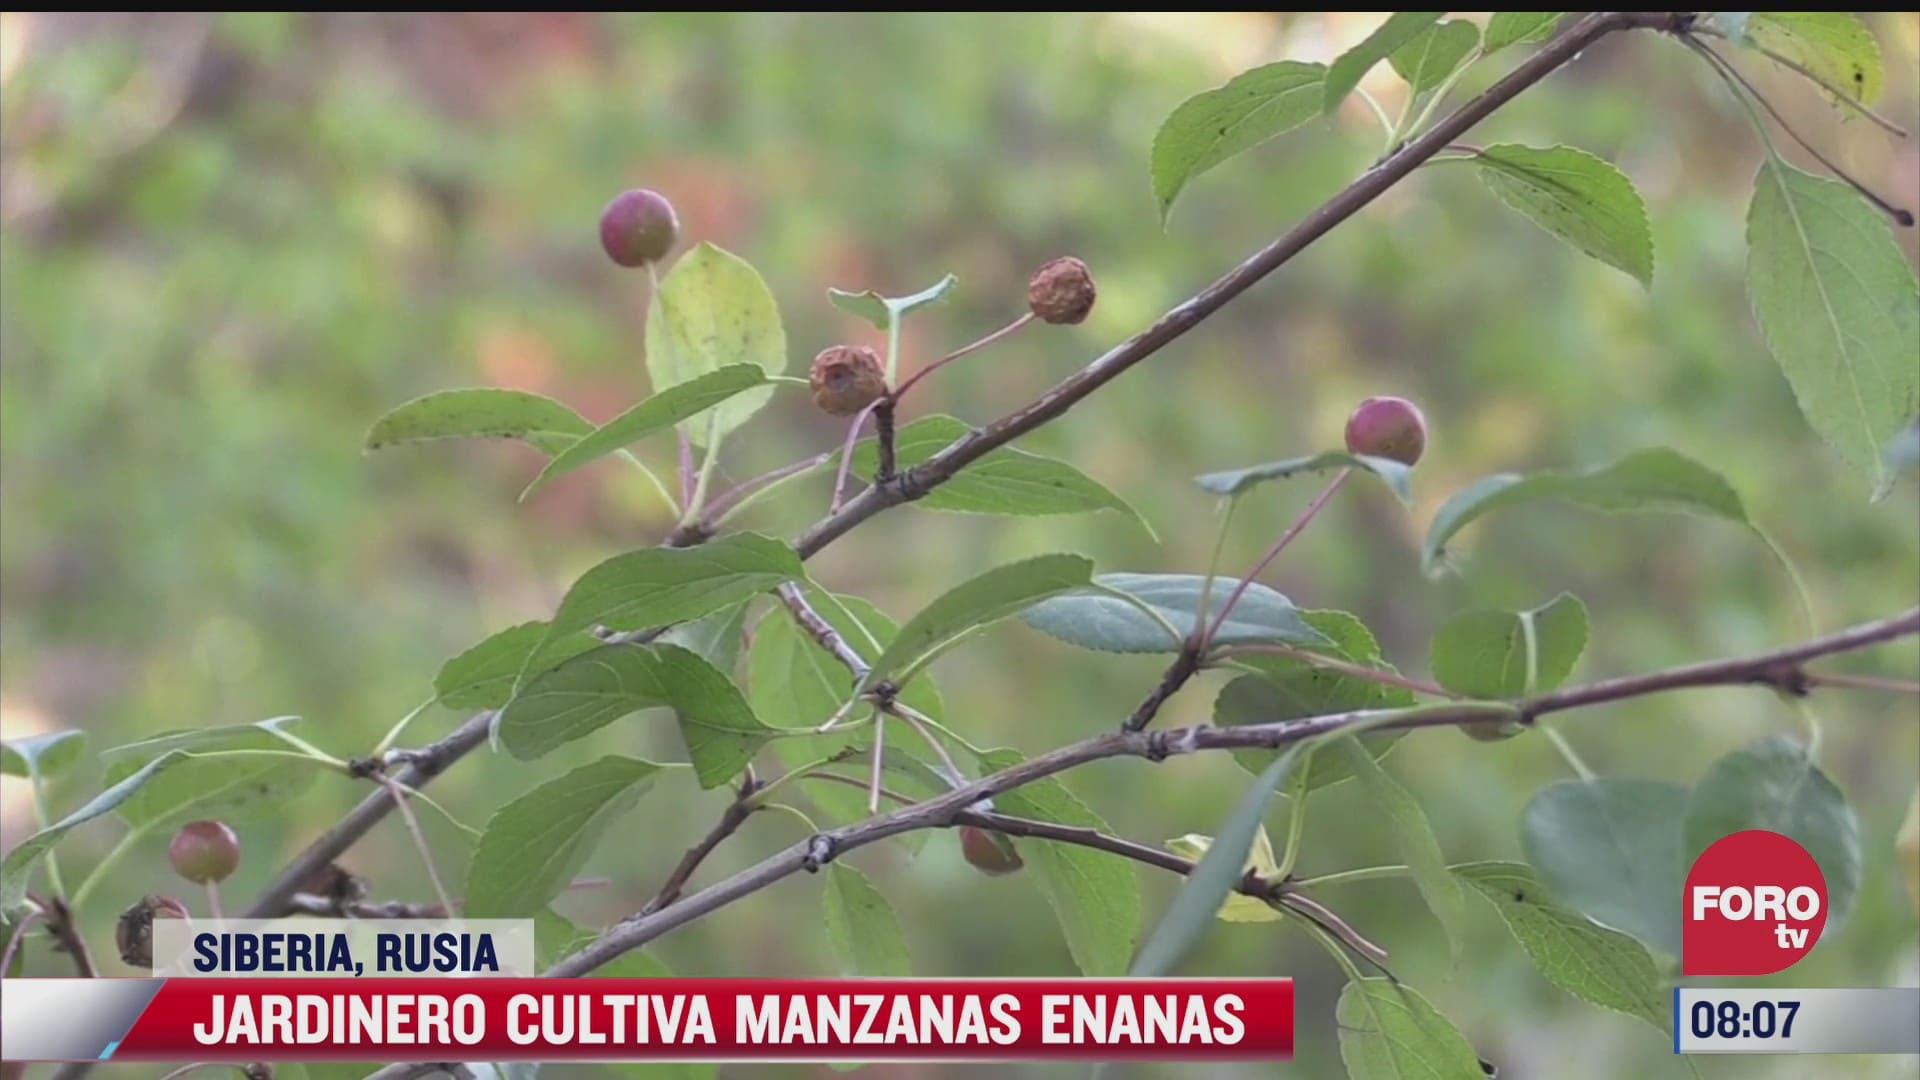 jardinero cultiva manzanas enanas en rusia